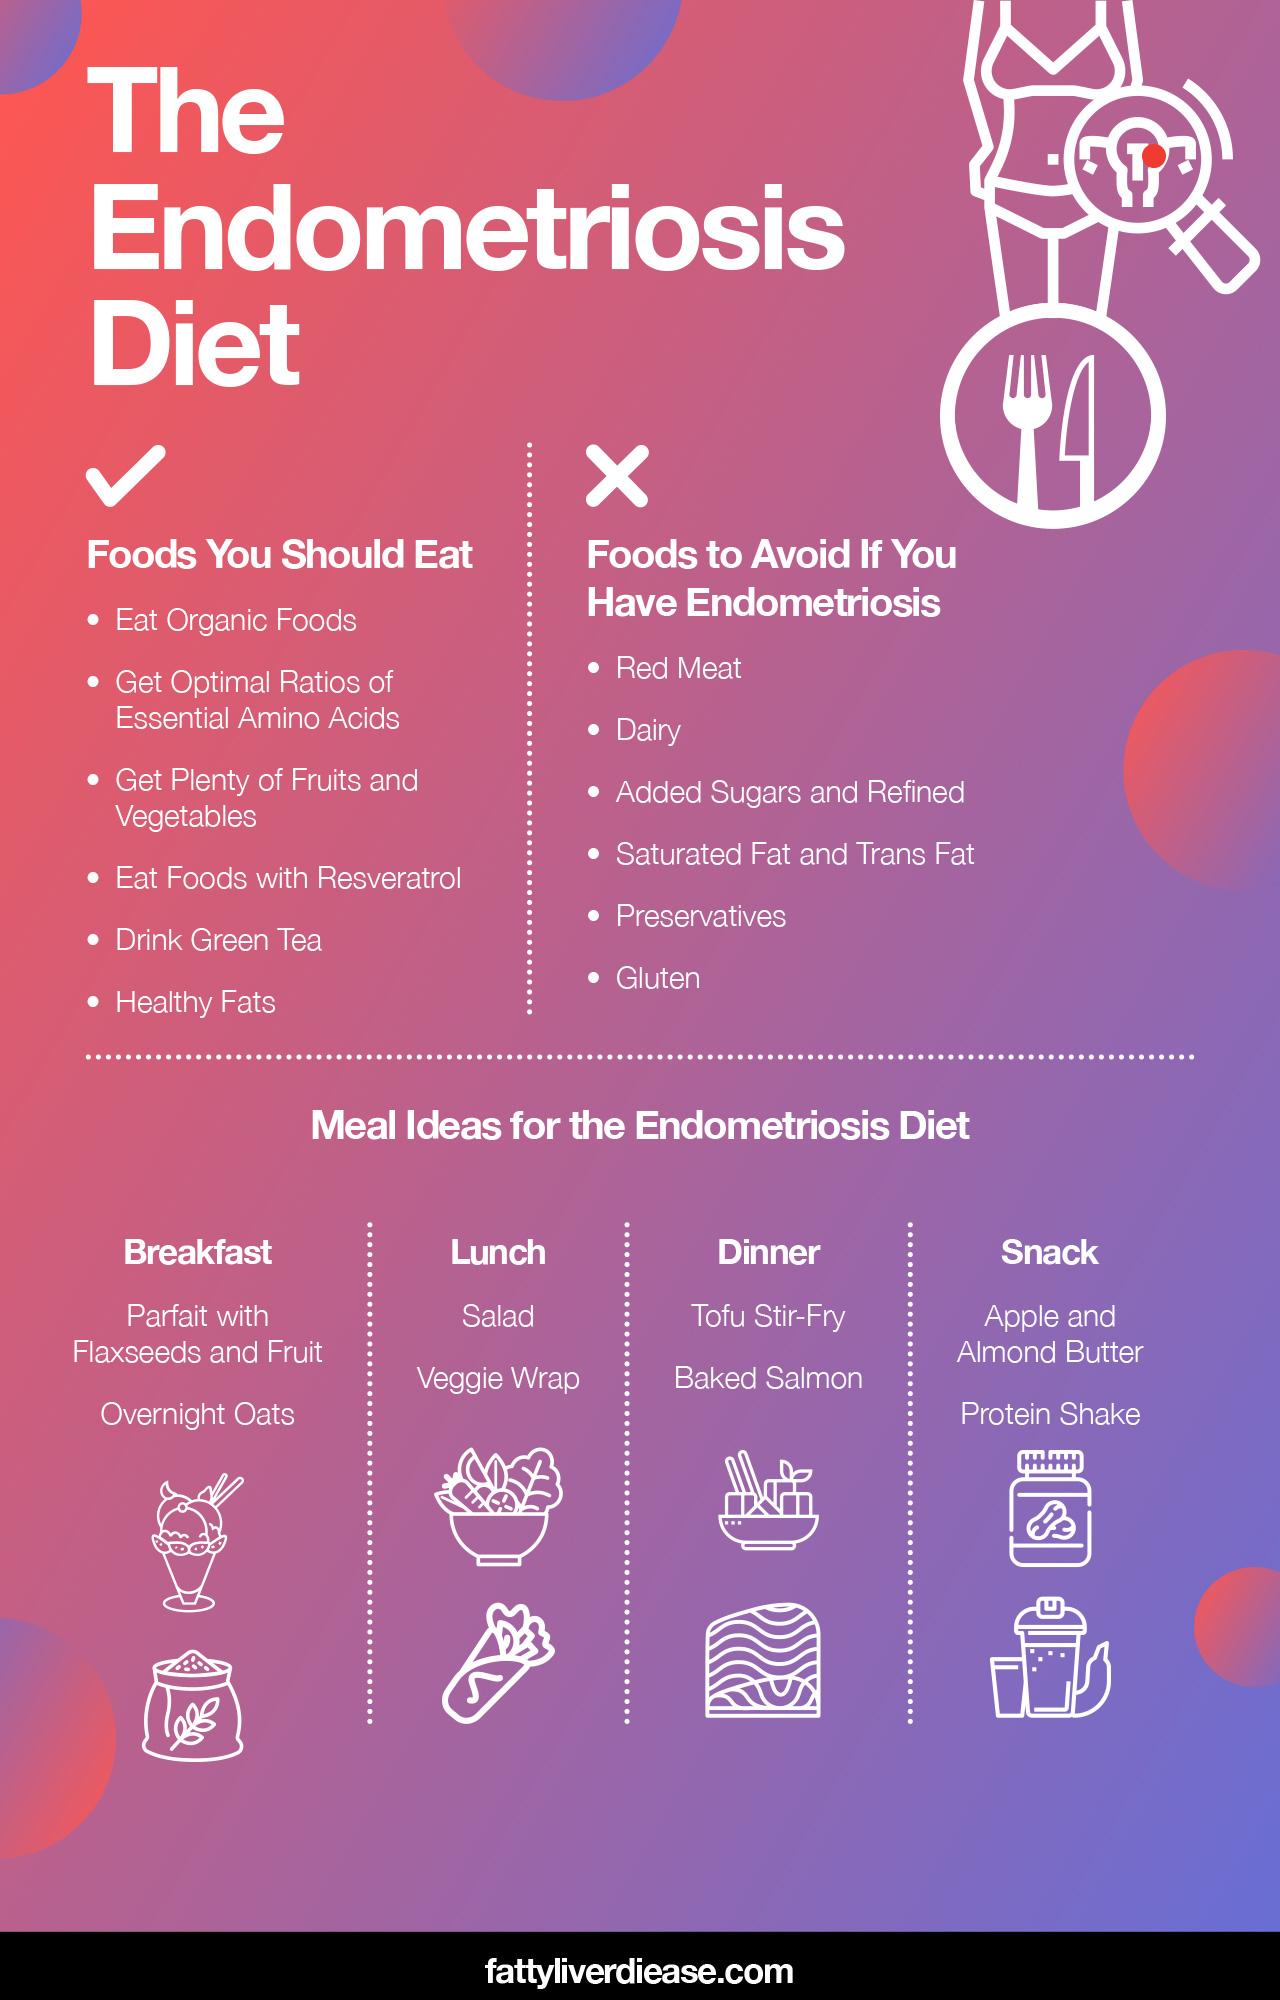 The Endometriosis Diet